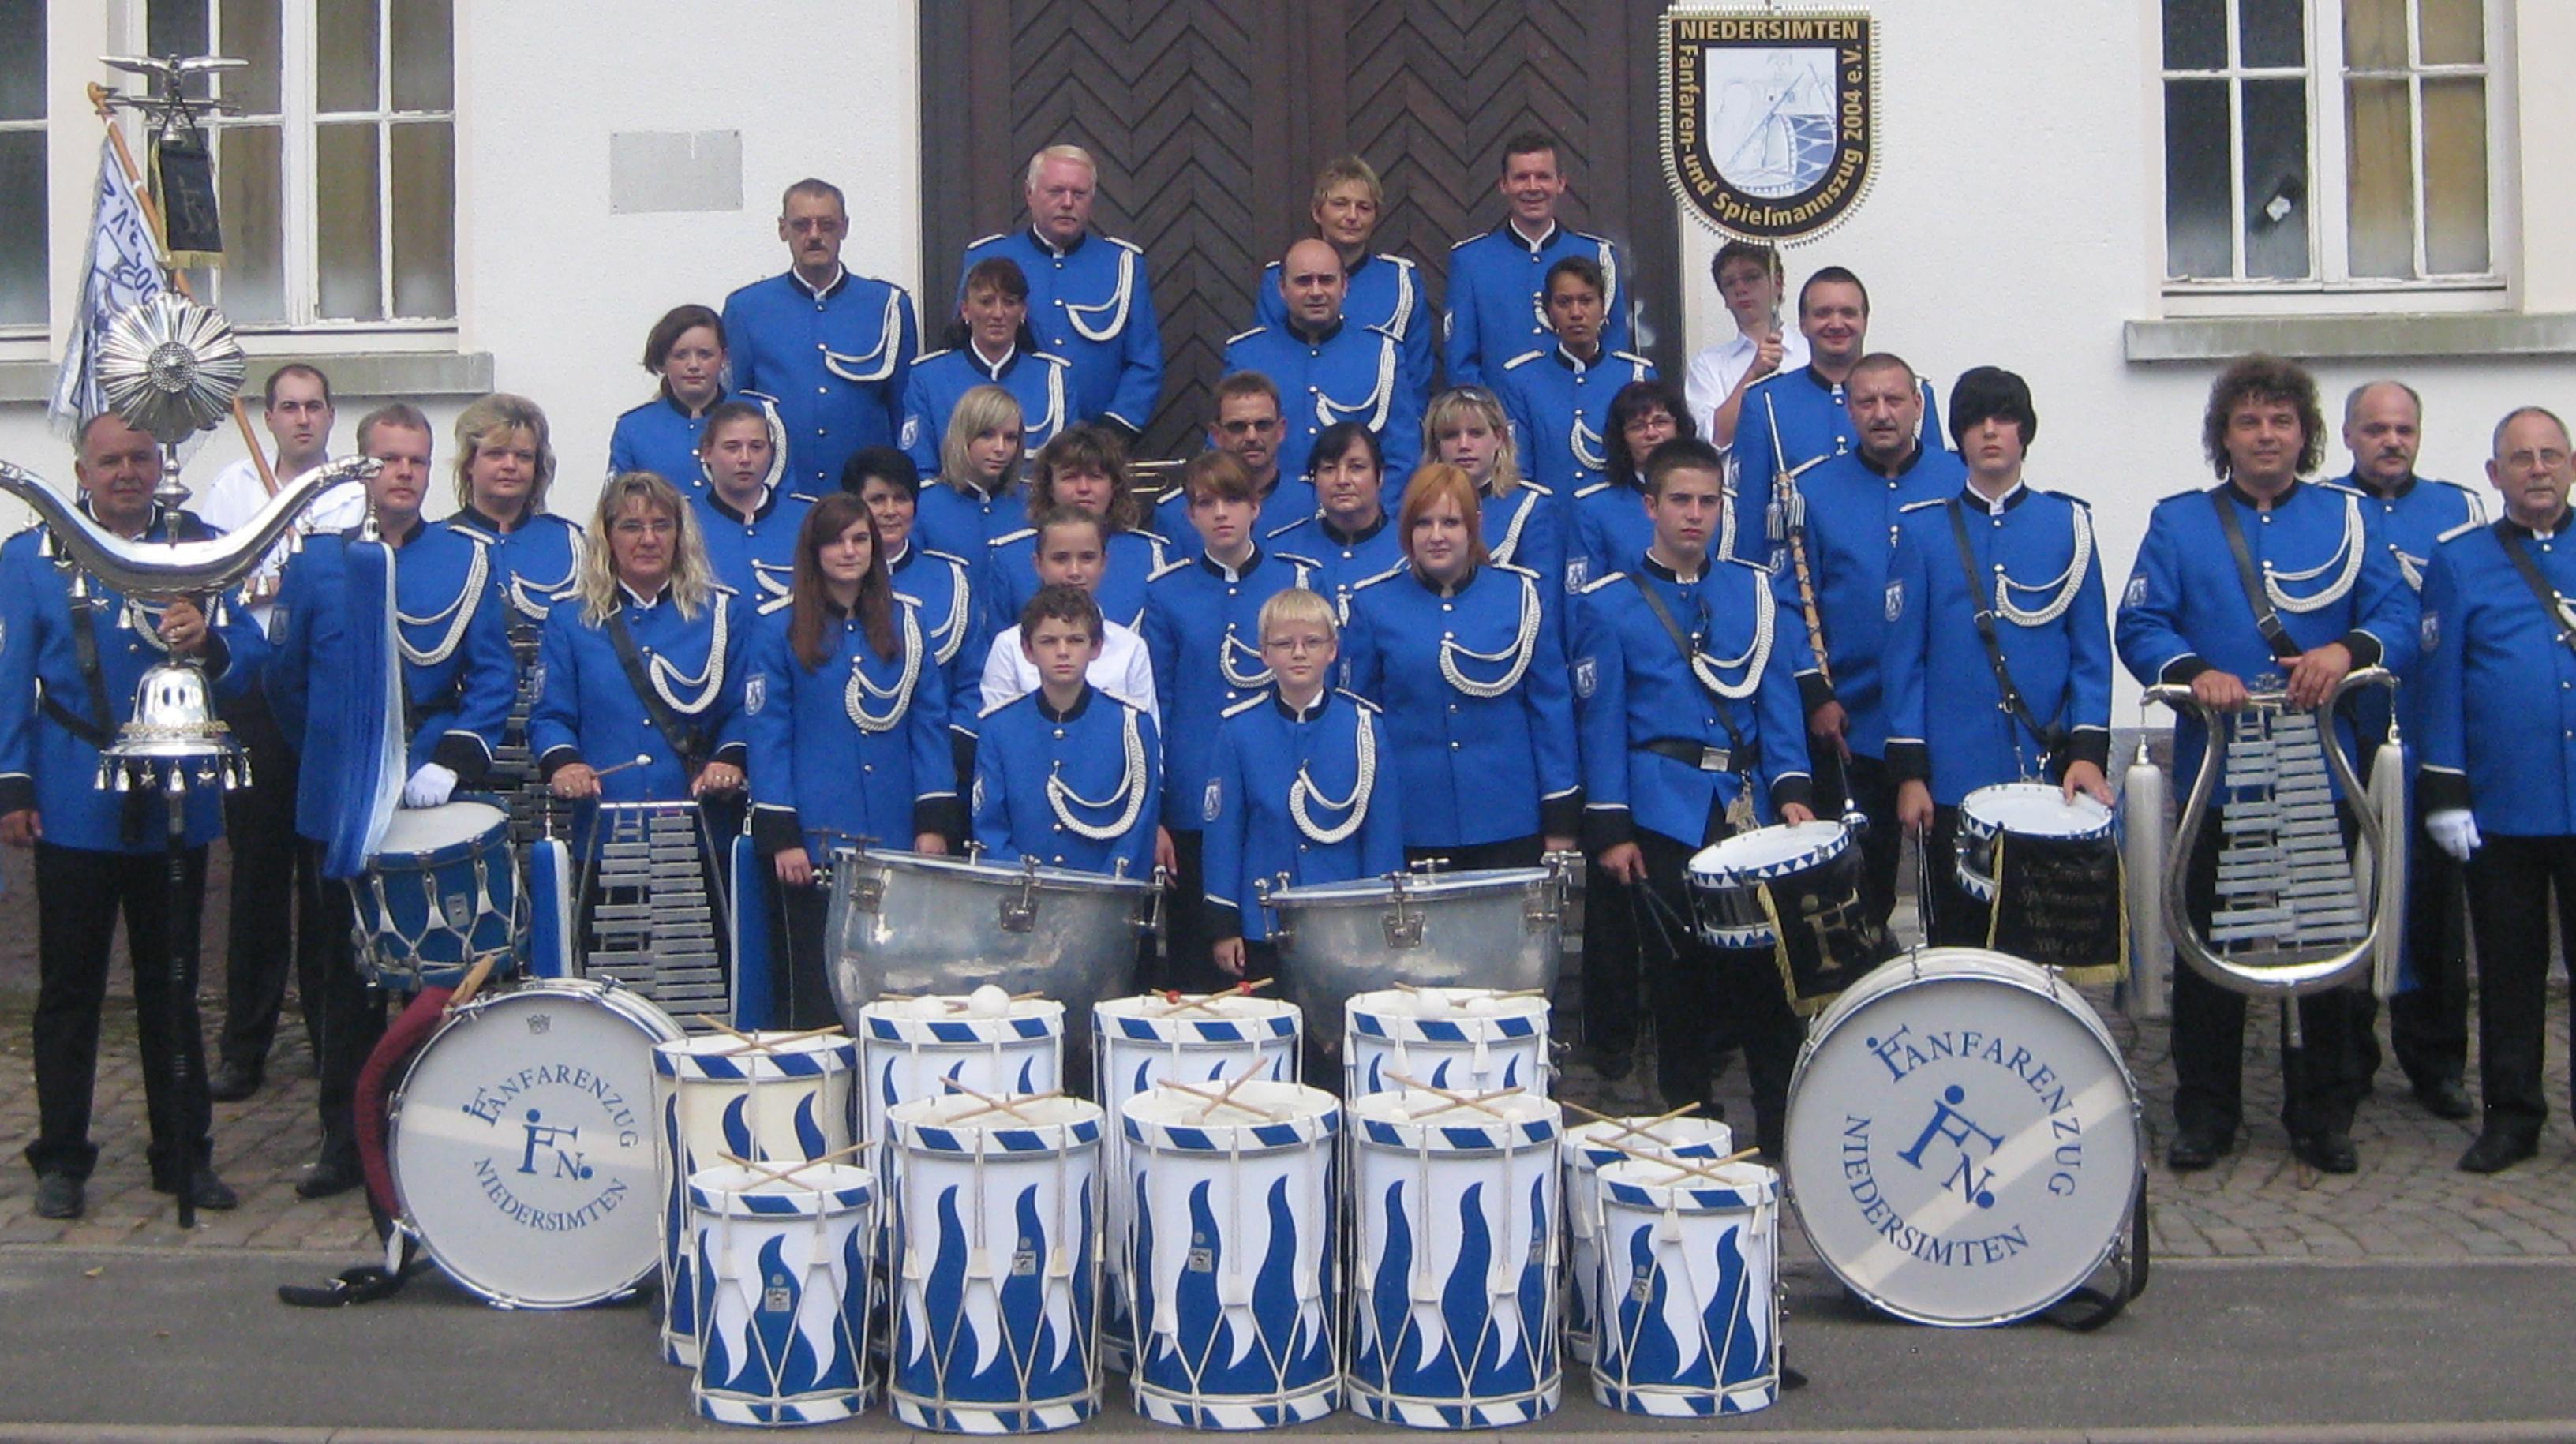 Fanfaren & Spielmannszug Niedersimten 2004 e.V.